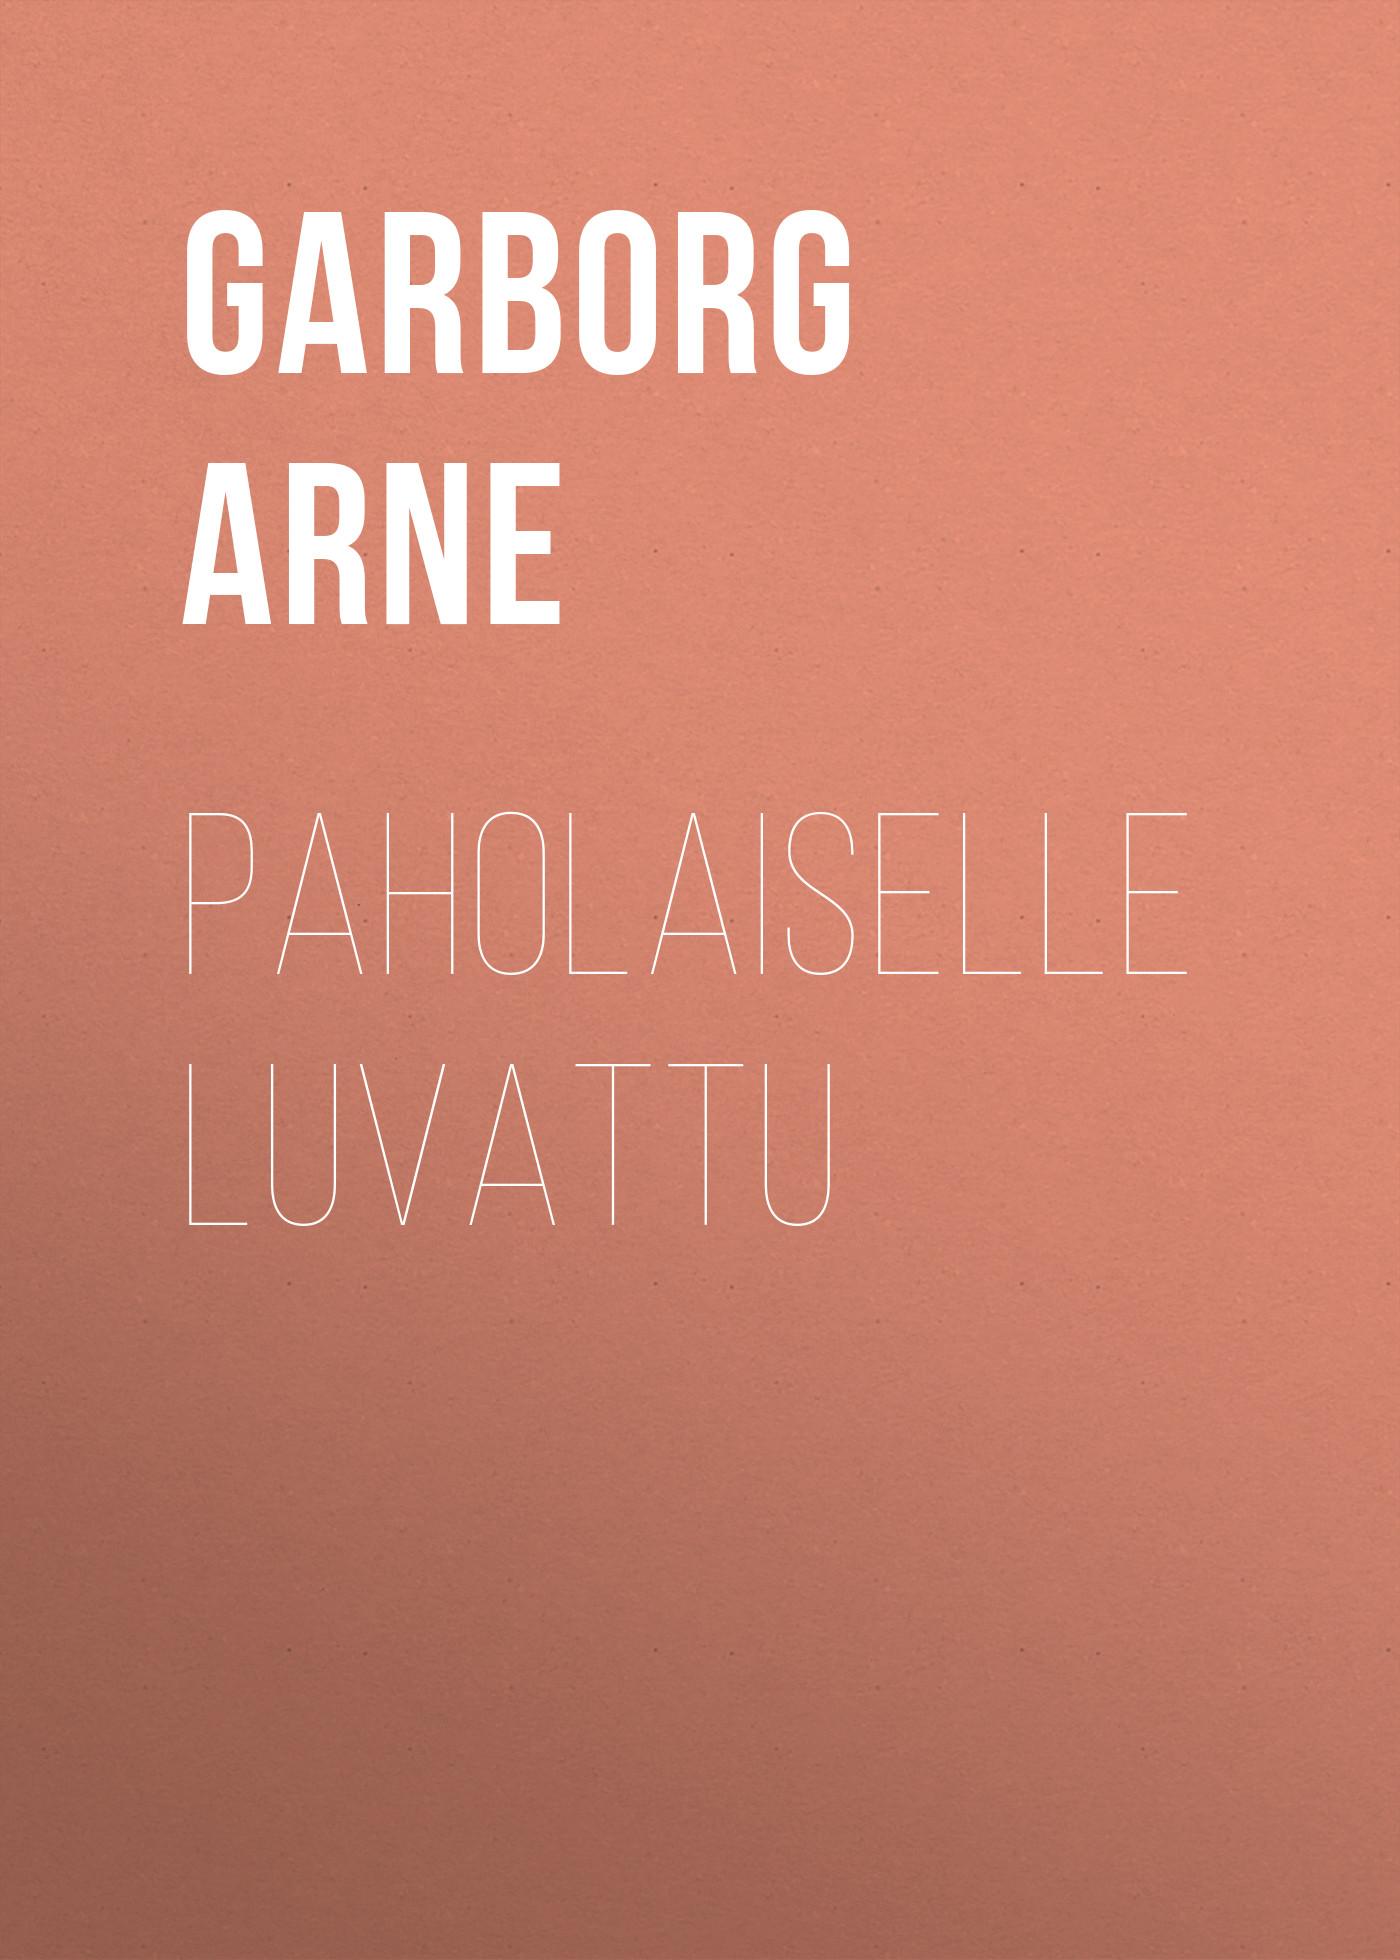 Garborg Arne Paholaiselle luvattu стоимость